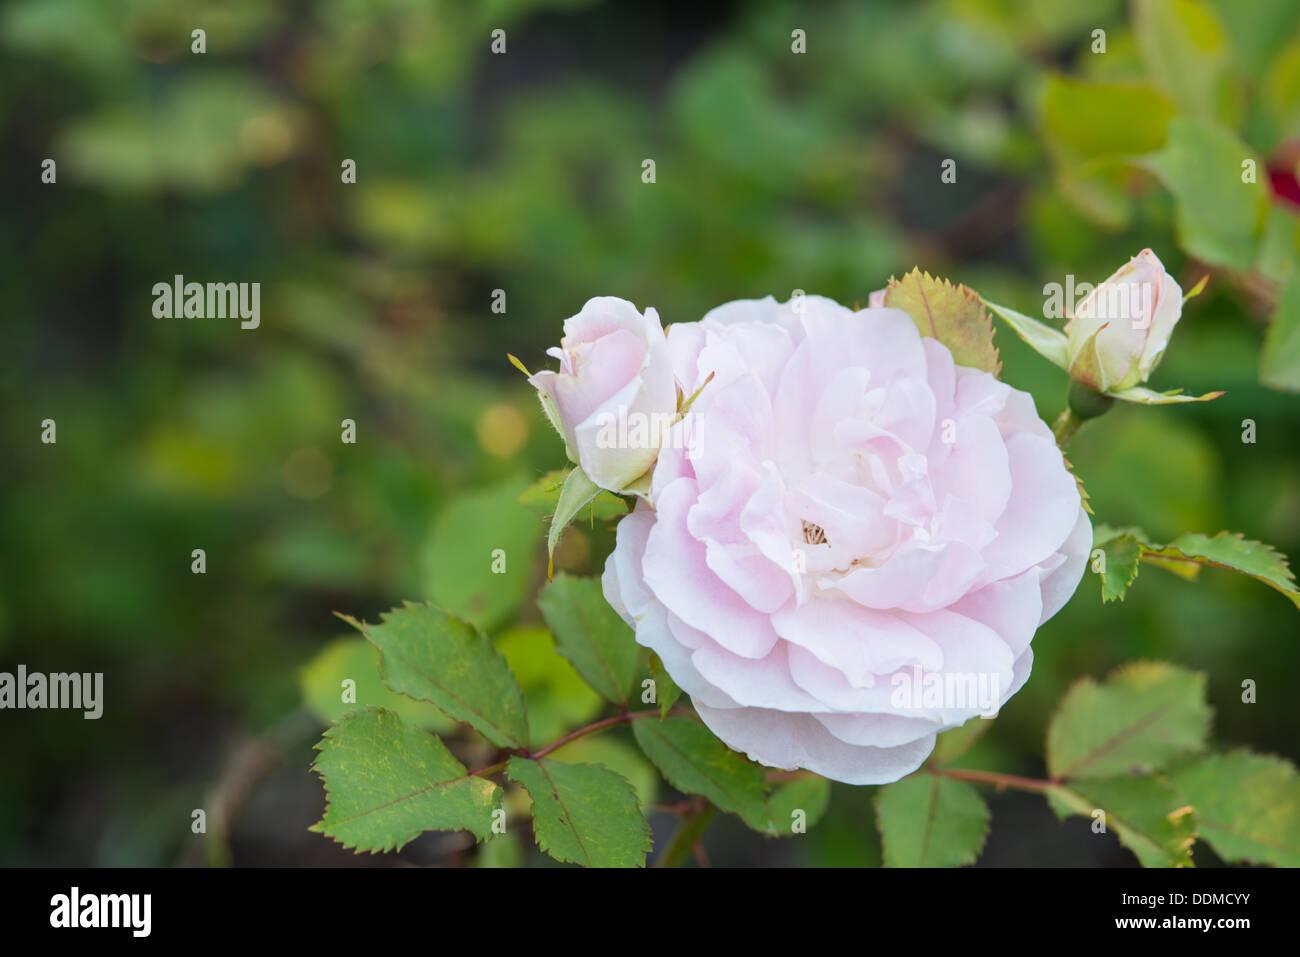 Eine einzelne Morden Röte stieg (Rosa Spp) Blüte, flankiert von zwei Rosenknospen in einem Garten in St. Albert, Alberta Stockbild